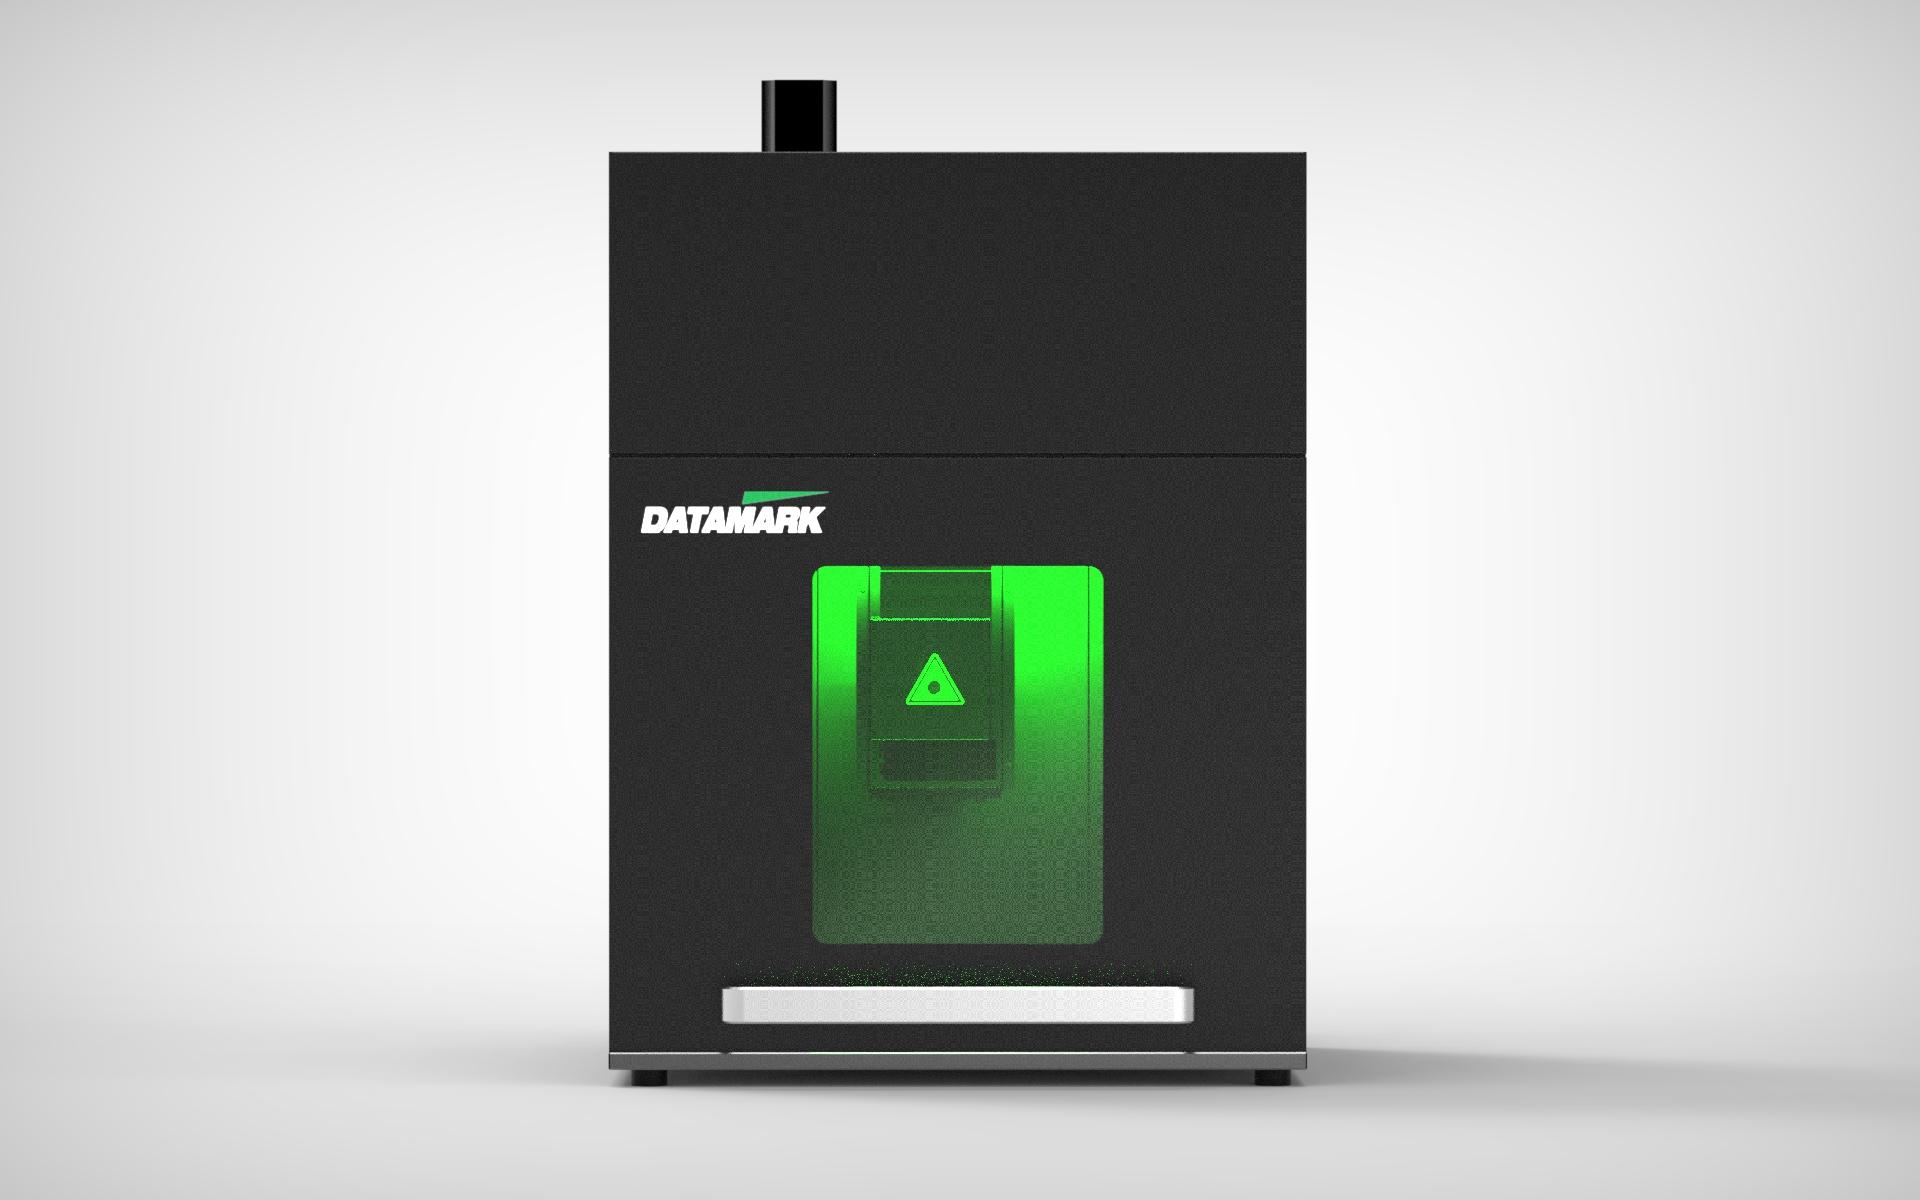 Datamark laser marking machine